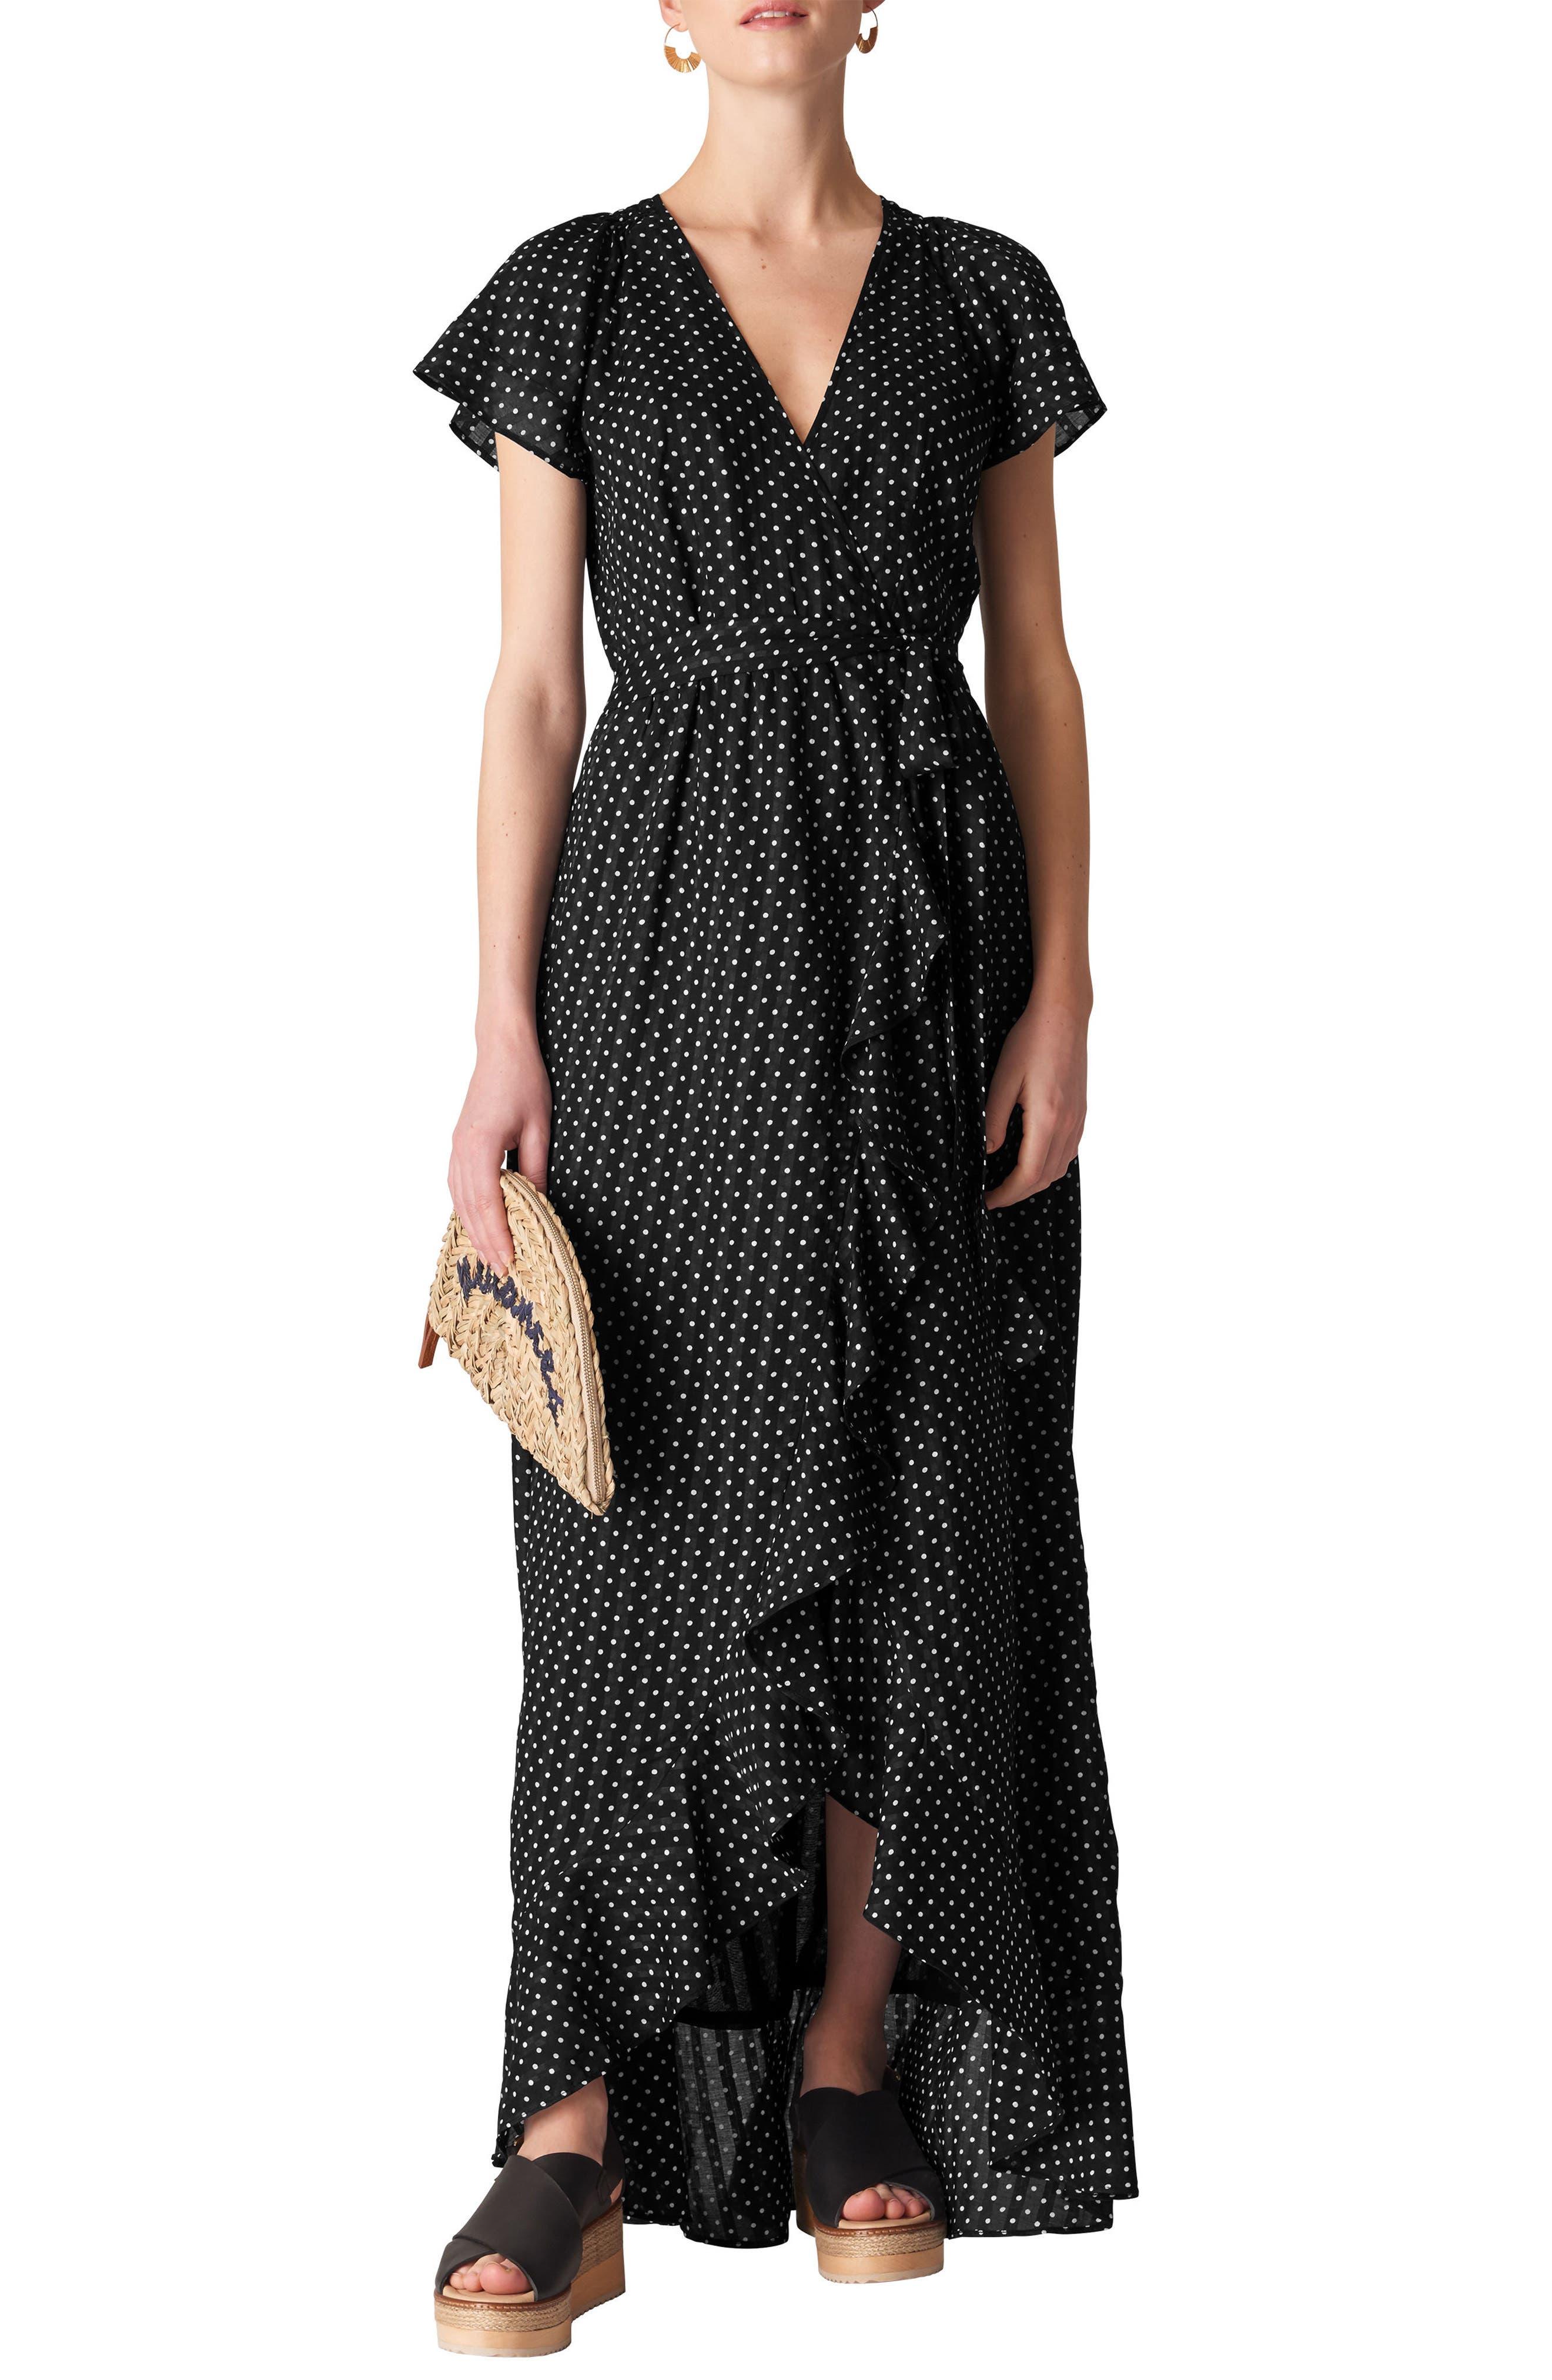 Spot Maxi Wrap Dress,                             Main thumbnail 1, color,                             Black/ White